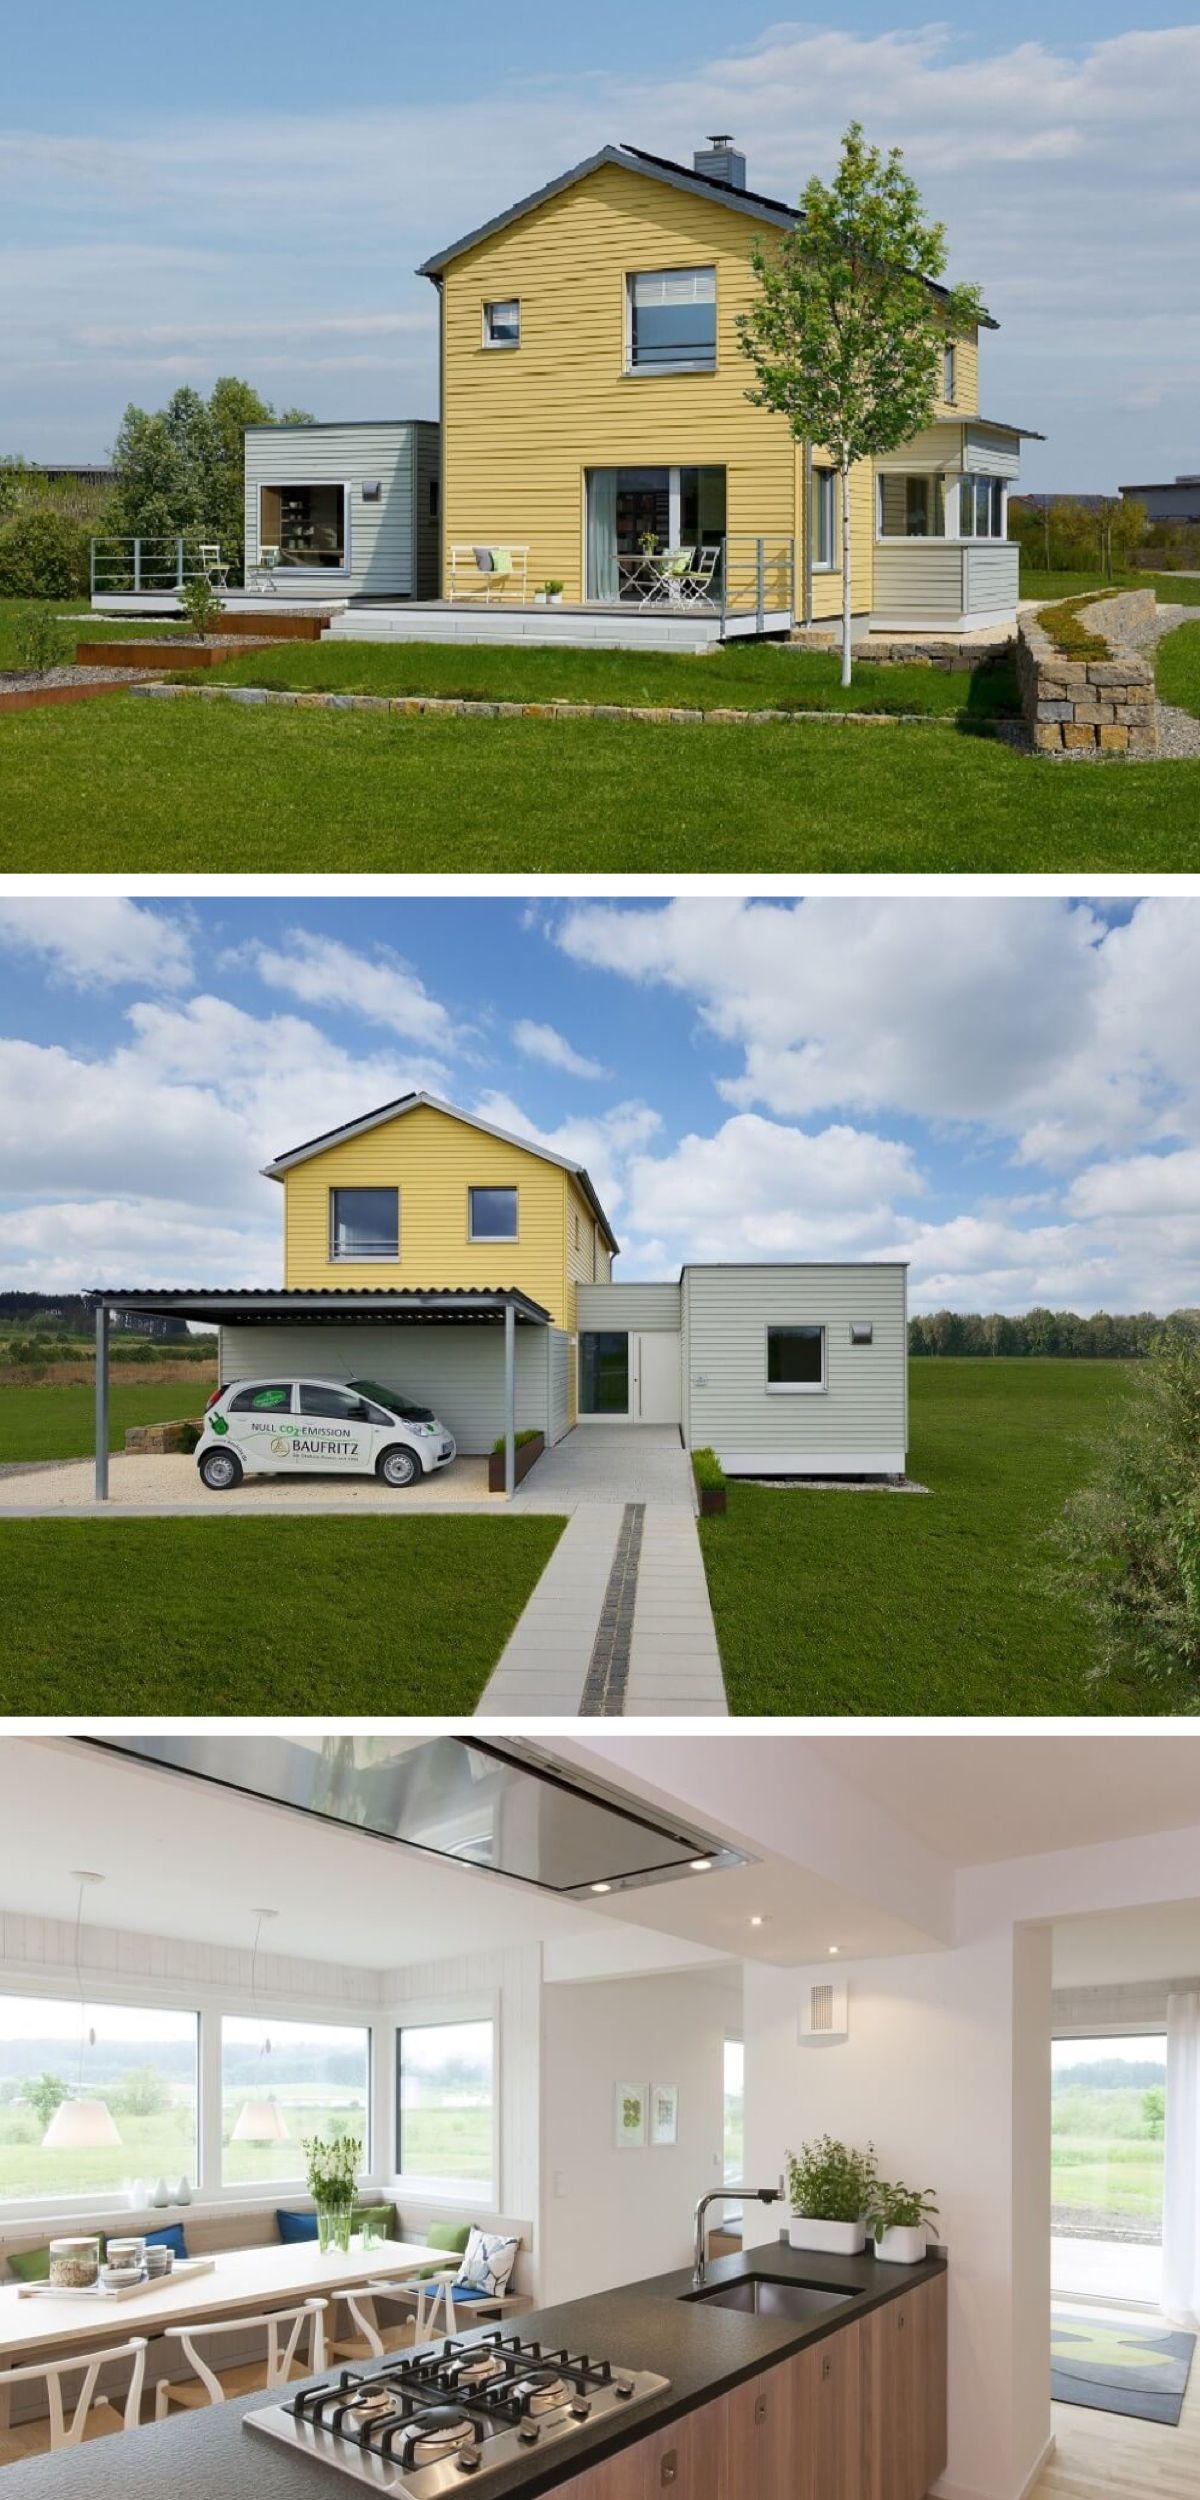 Skandinavisches Landhaus modern - Haus Planmit Entwurf S1 Baufritz ...